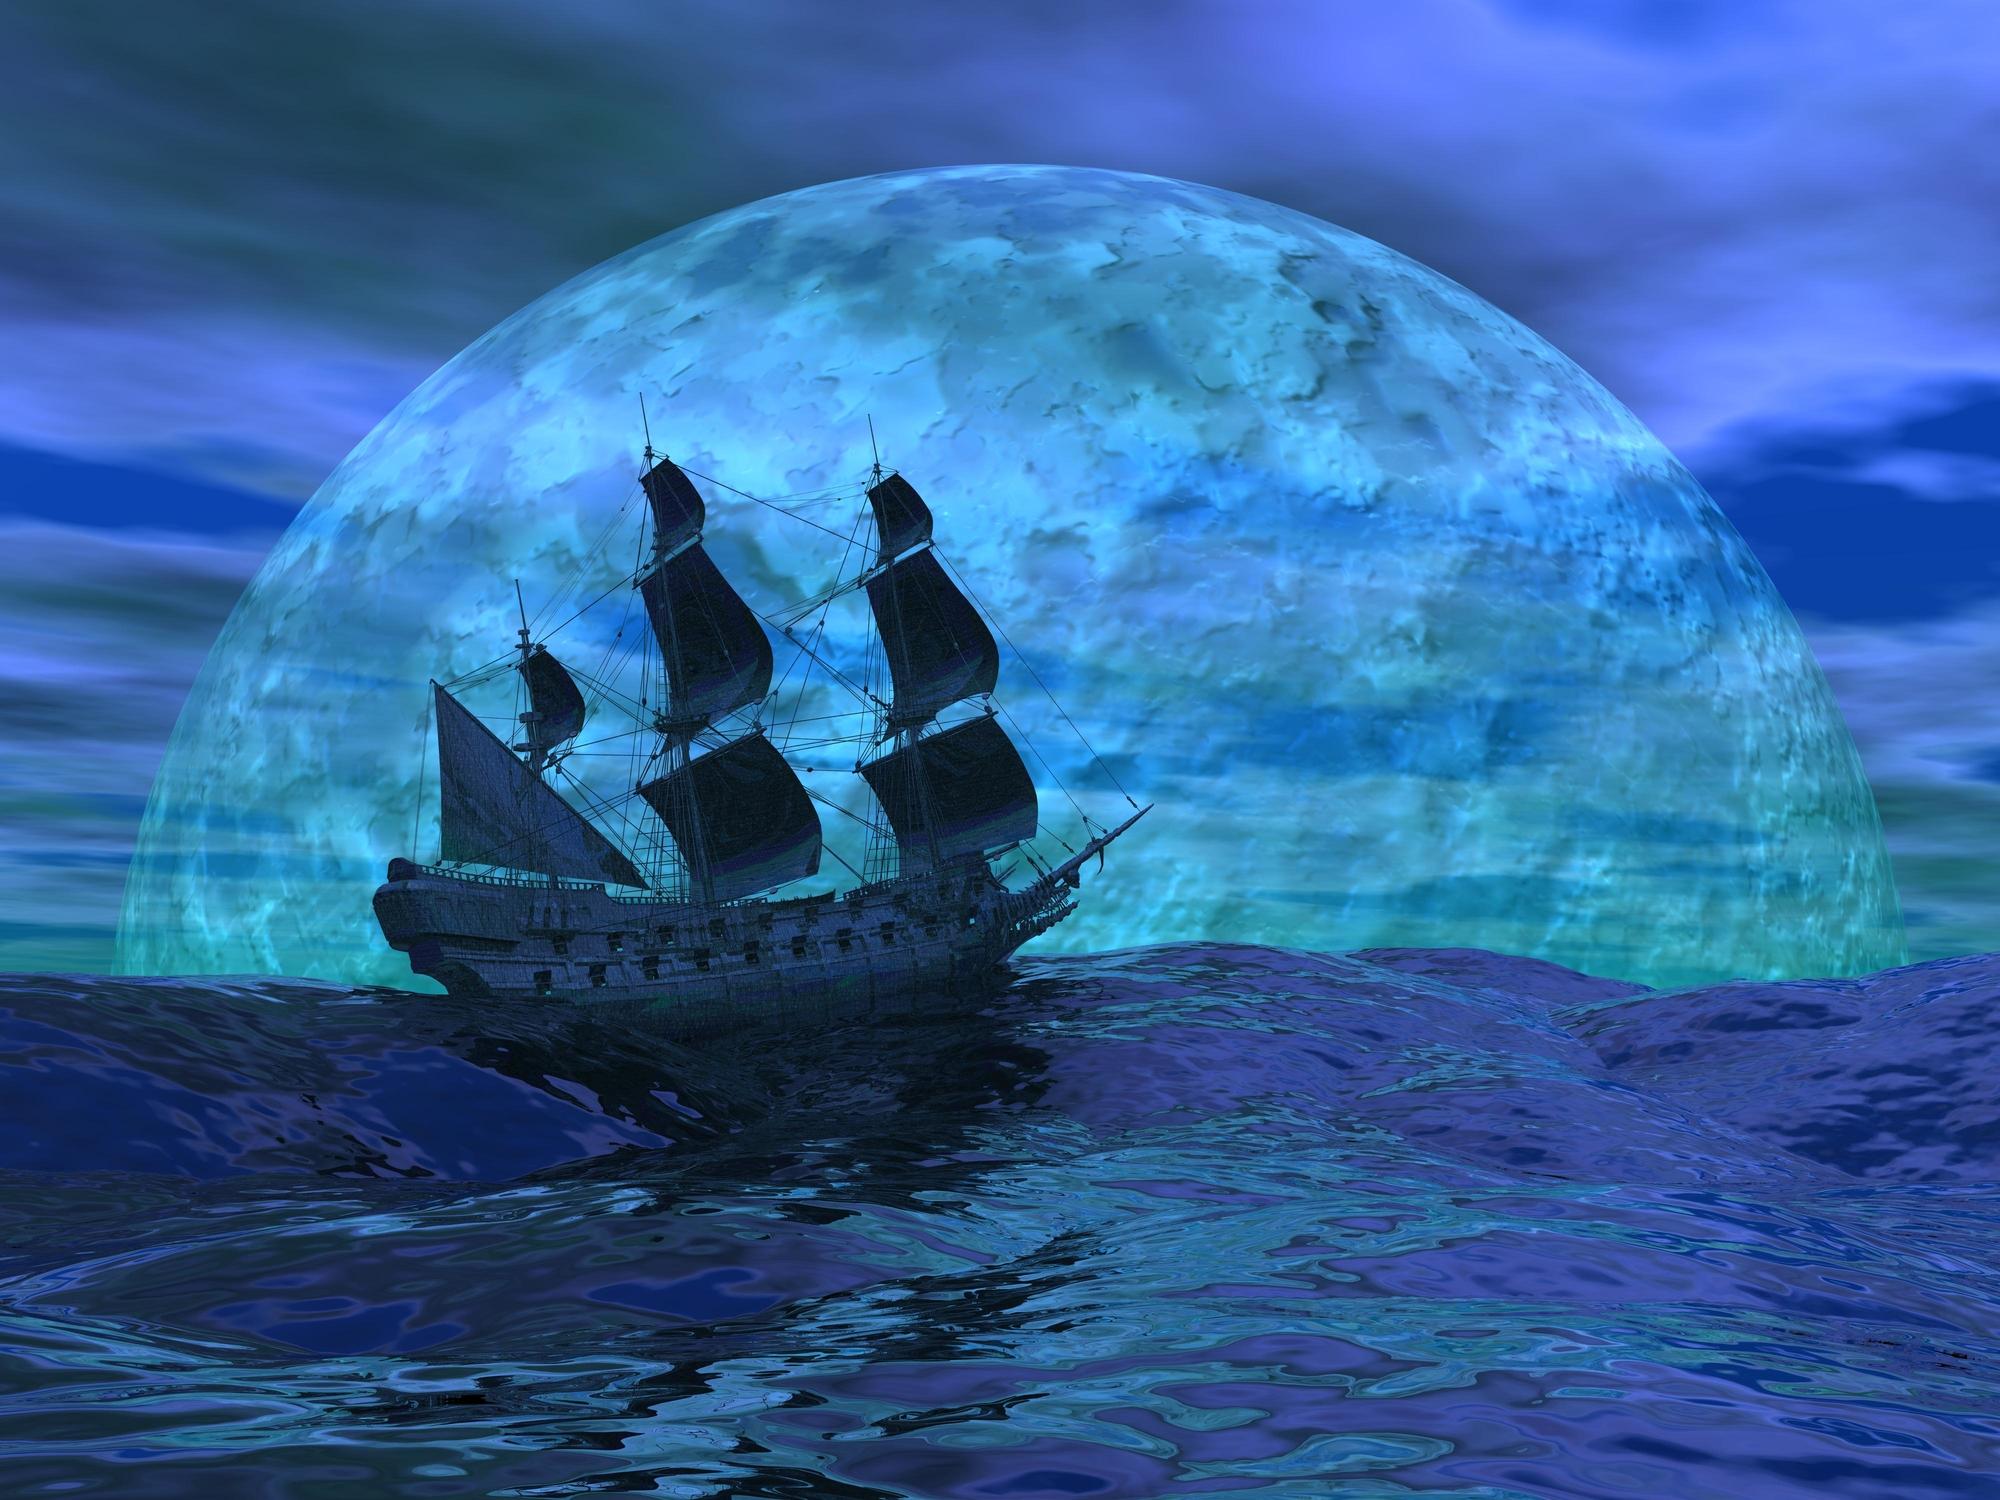 dreamstime_m_28905392.jpg